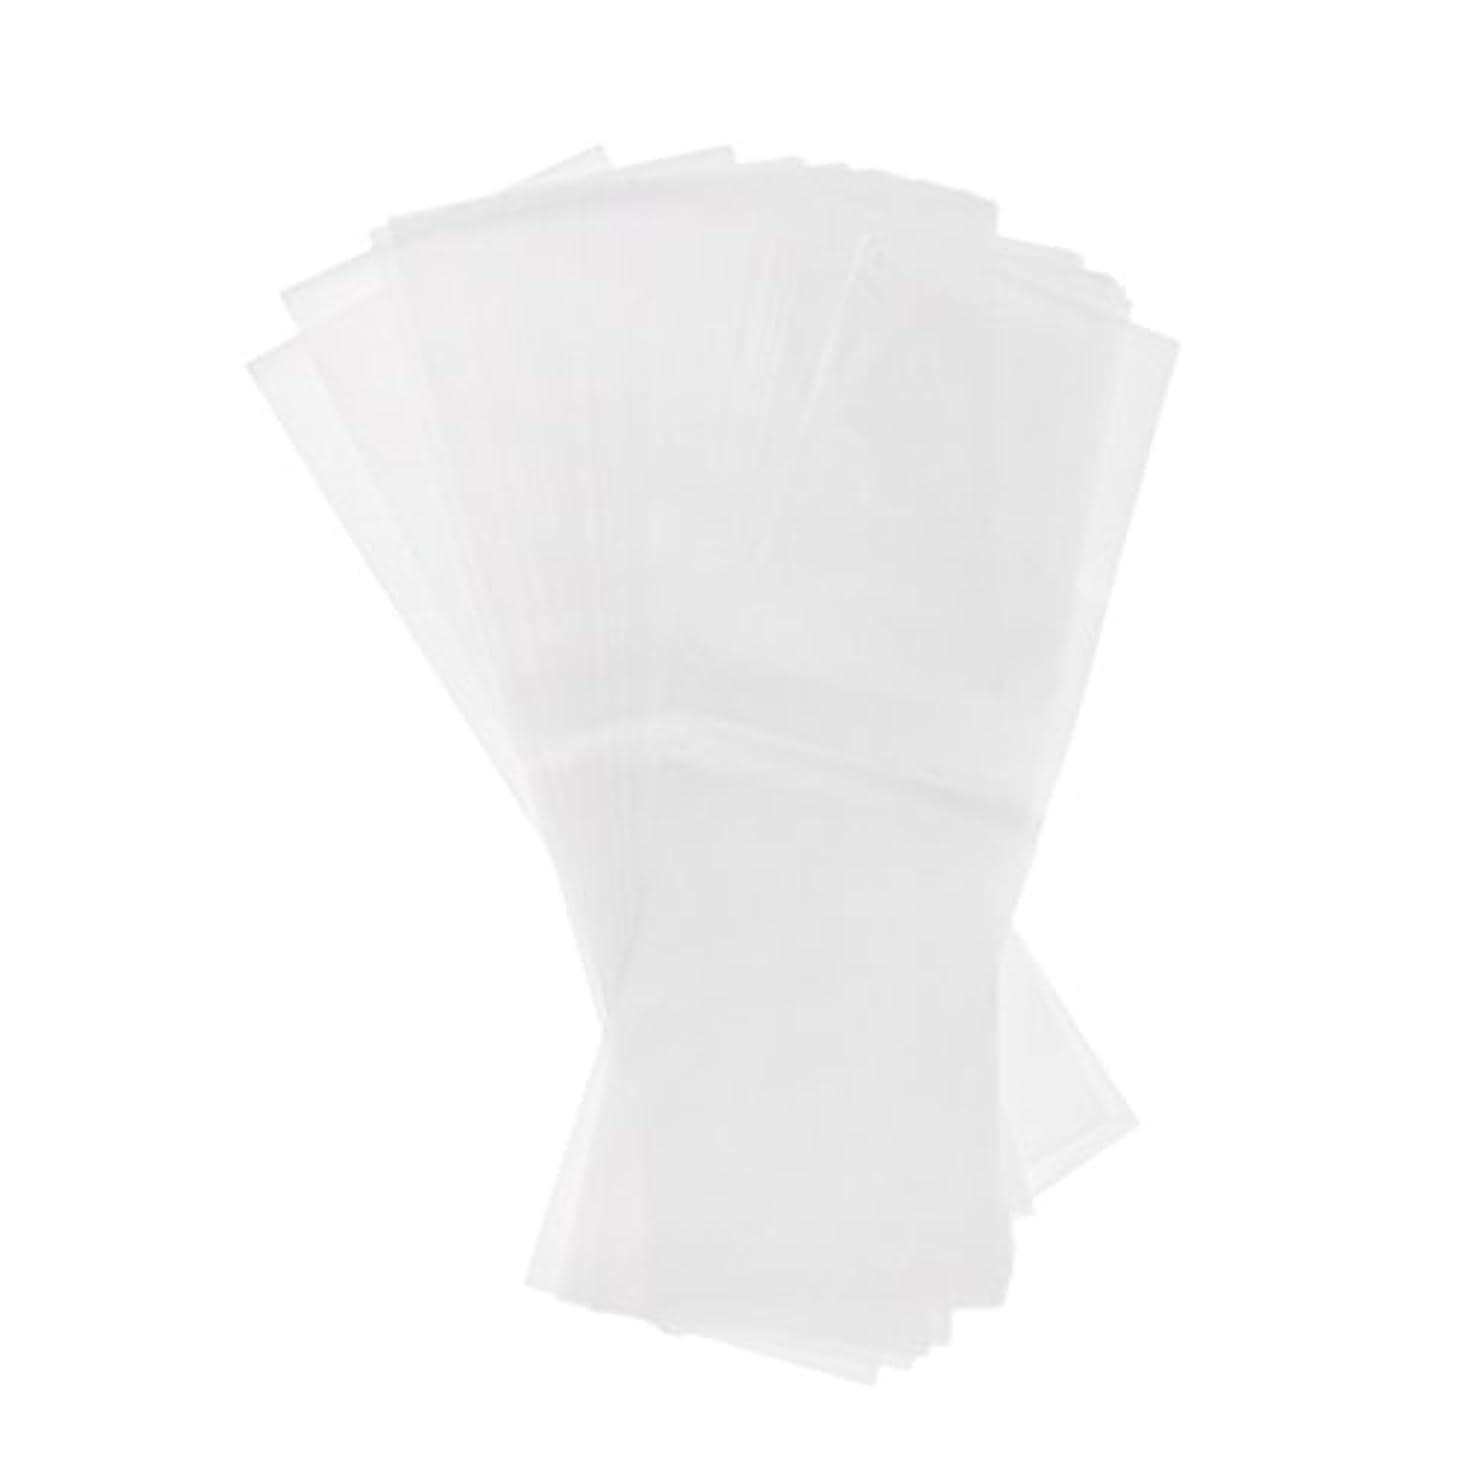 過度のネコ潜在的な約50枚 毛染め 分版用紙 プラスチック製 染毛紙 色のハイライト おしゃれ染め 2仕様選べる - ホワイト